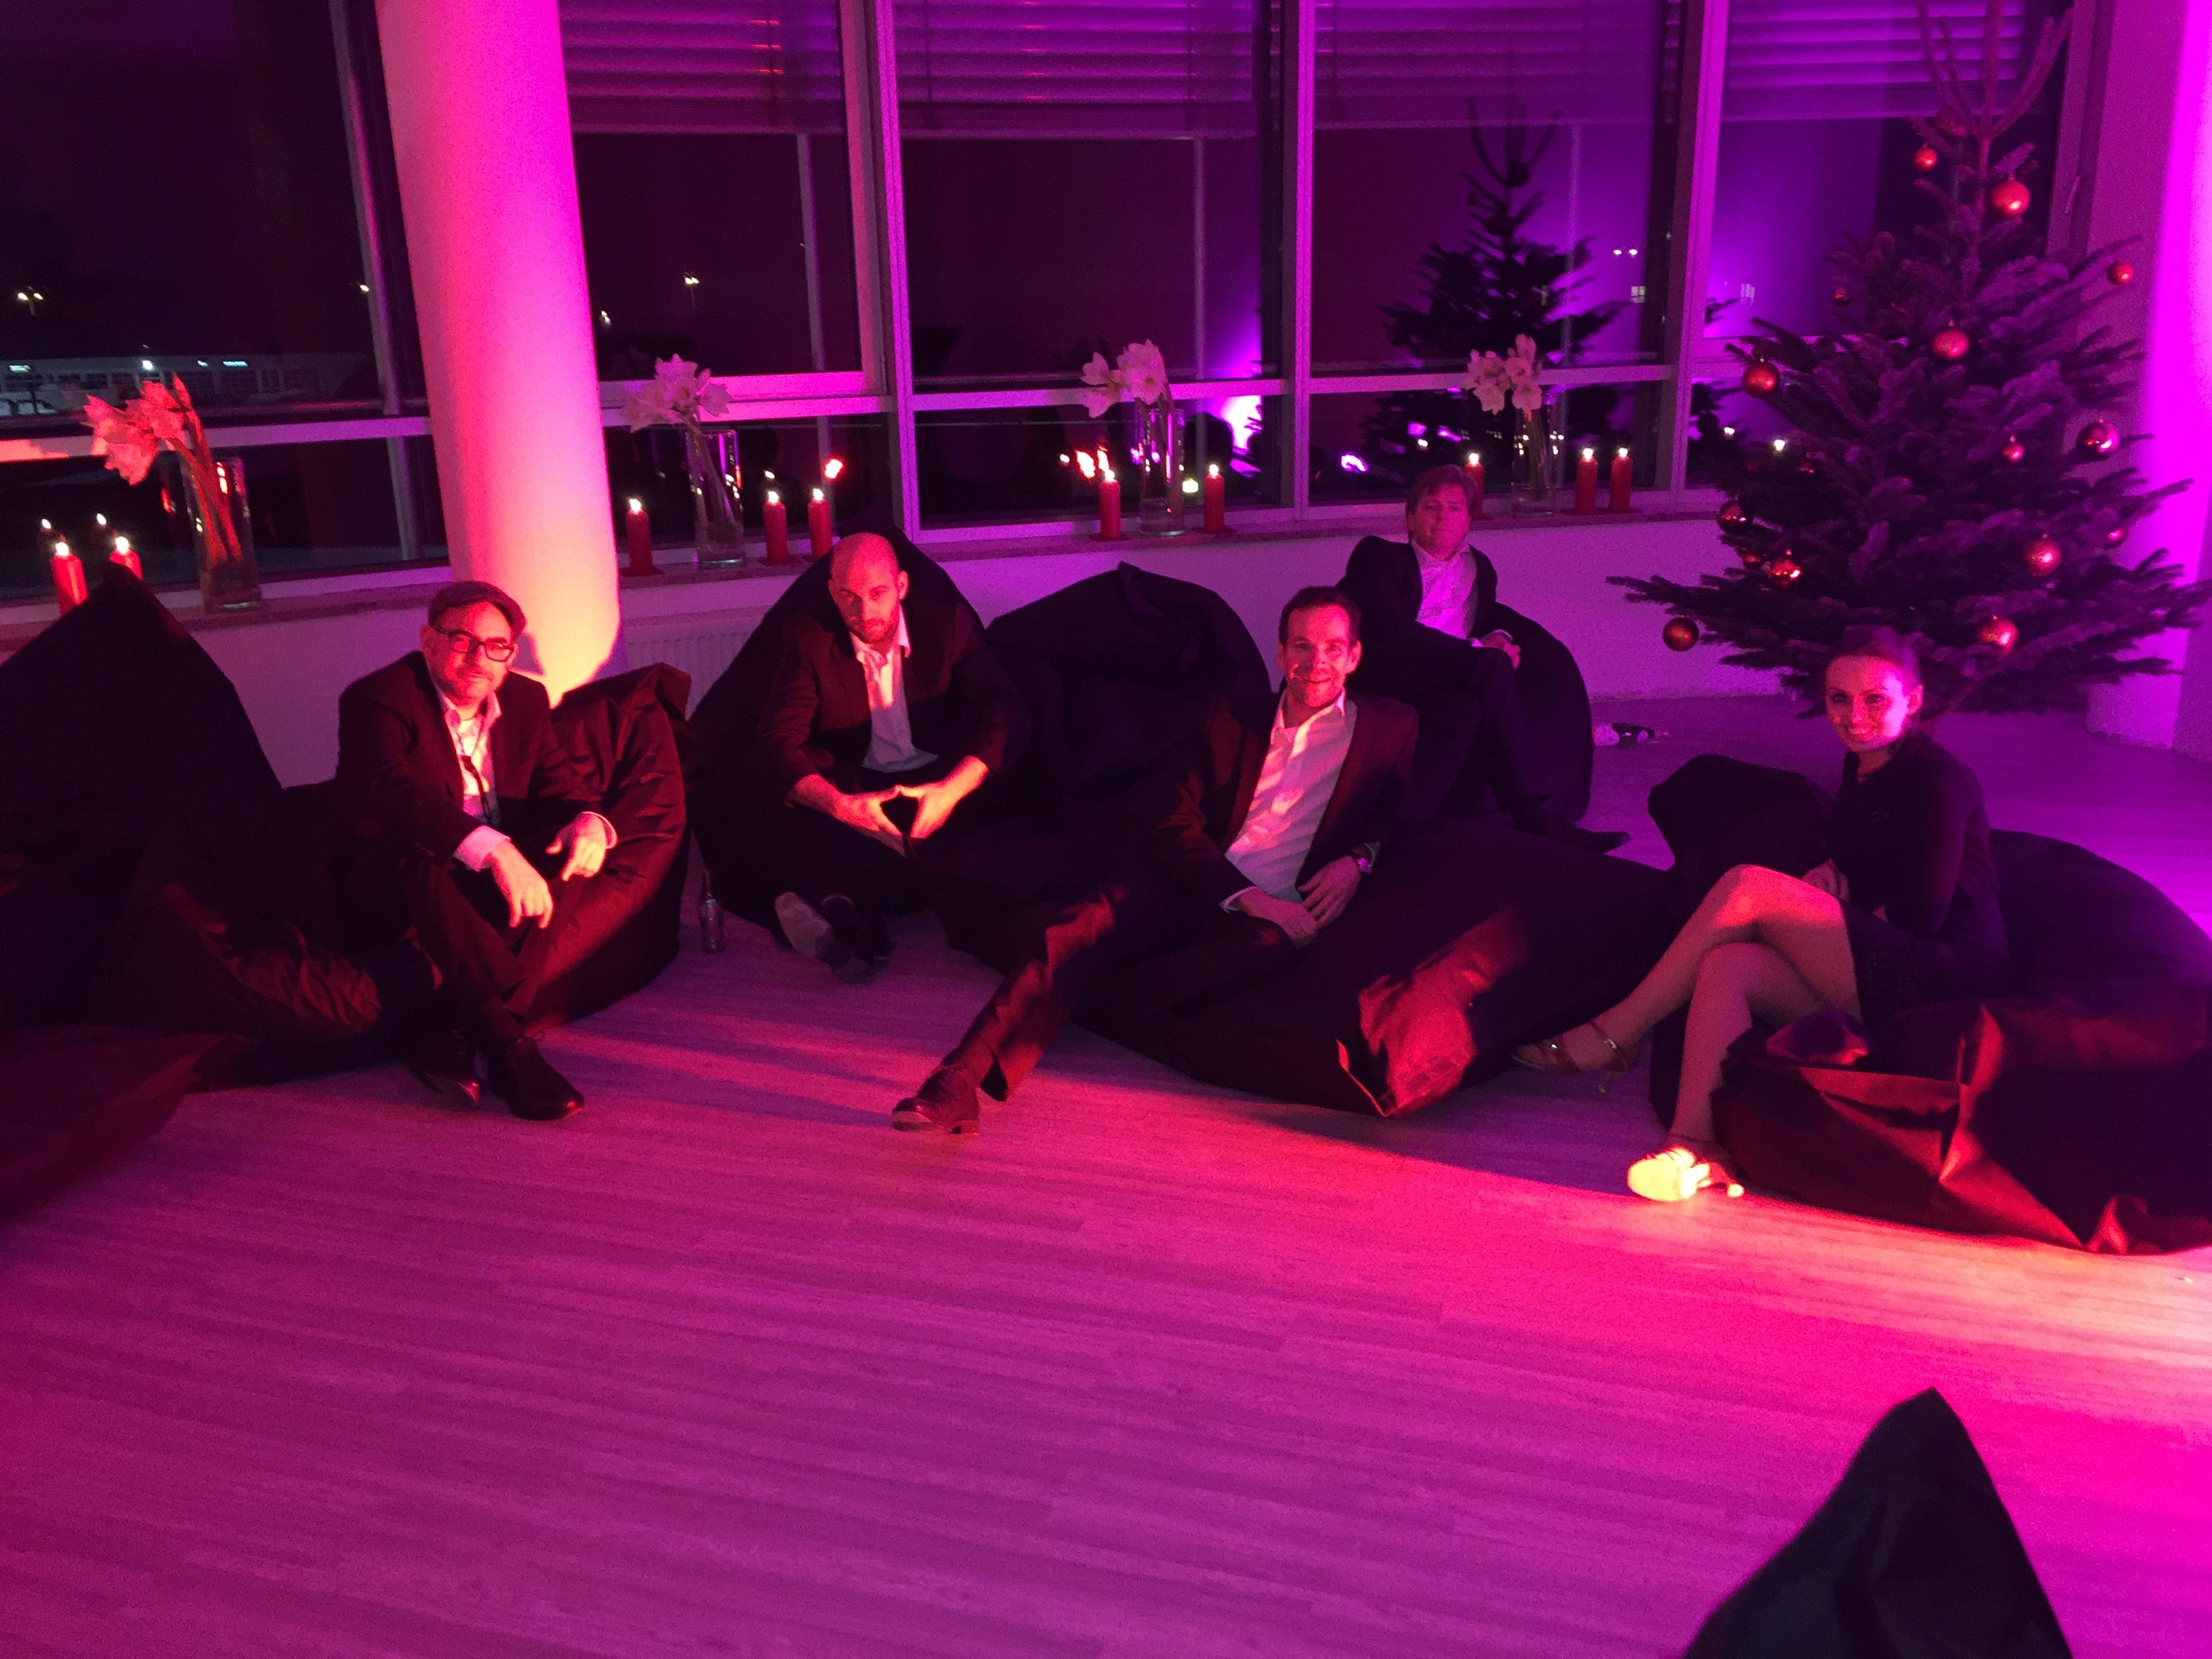 die liveband bei der weihnachtsfeier der 310klinik in n rnberg. Black Bedroom Furniture Sets. Home Design Ideas